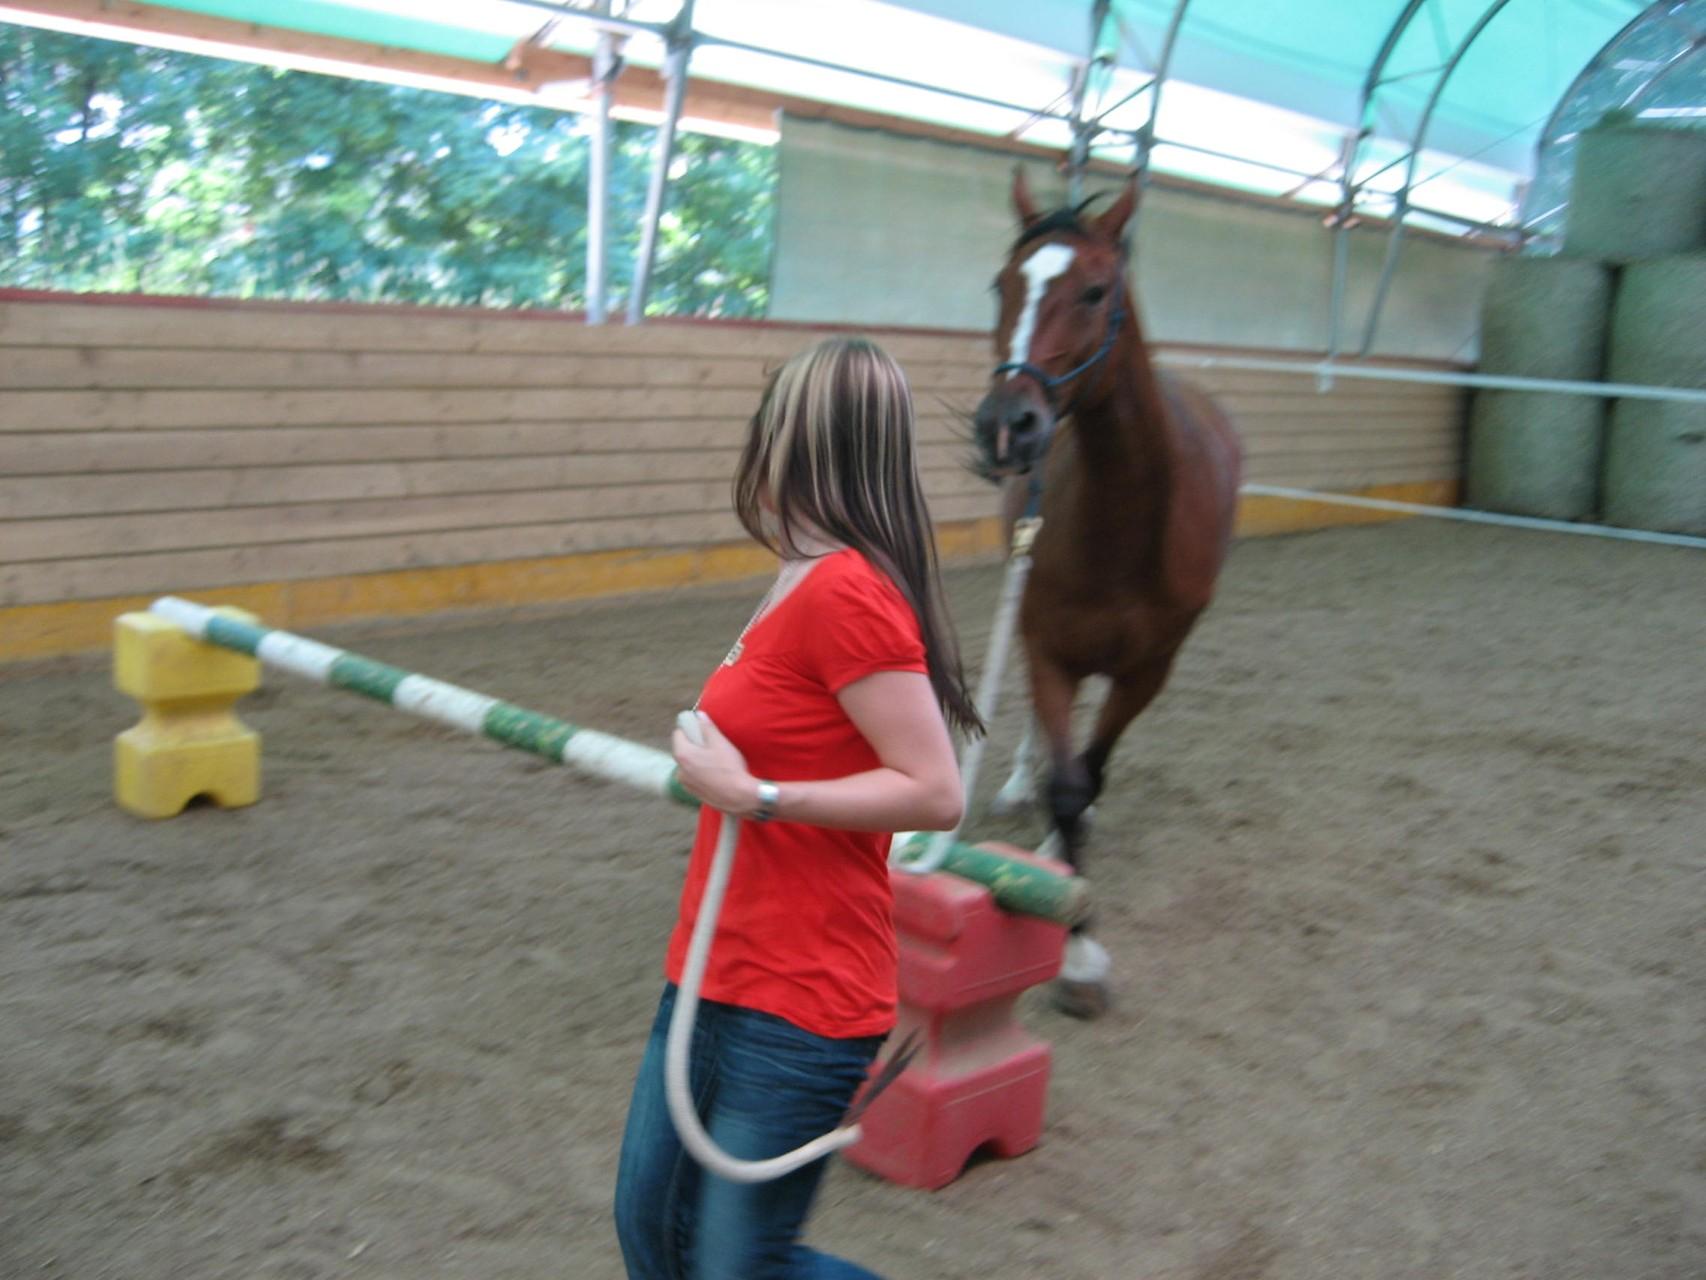 Lernen in Bewegung - spielen leicht - exterm wirksam und nachhaltig